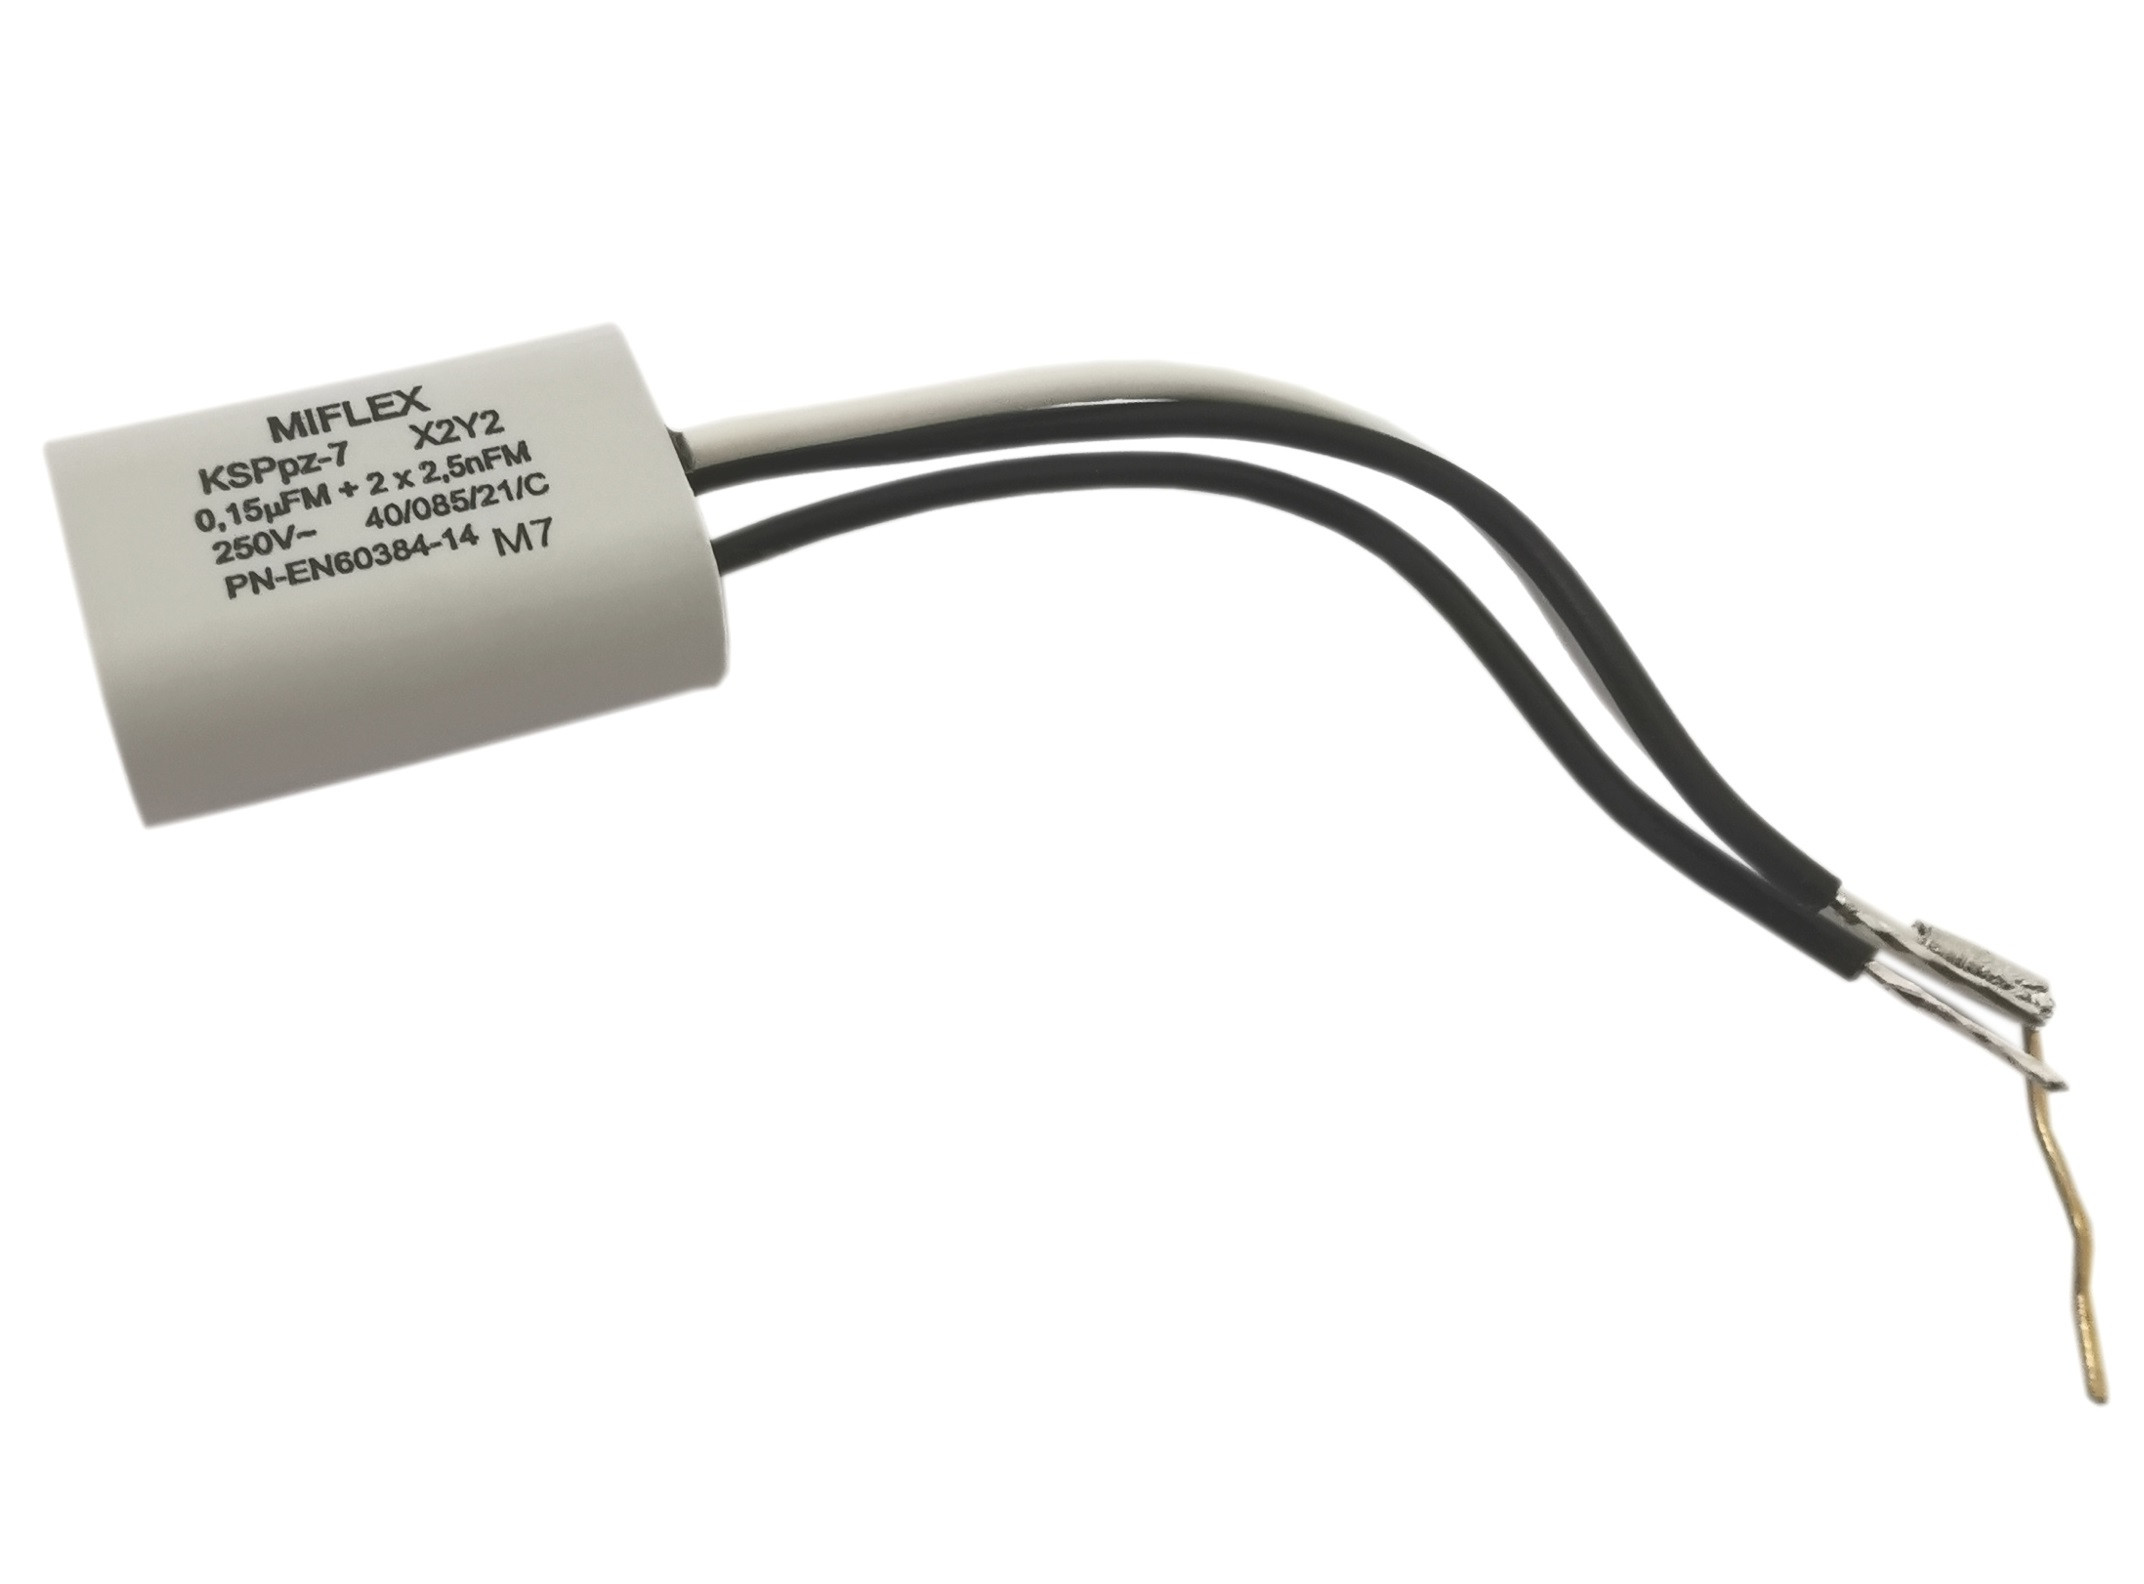 Kondensator przeciwzakłóceniowy 0.15uF + 2*2.5nF 250V KSPPZ-7